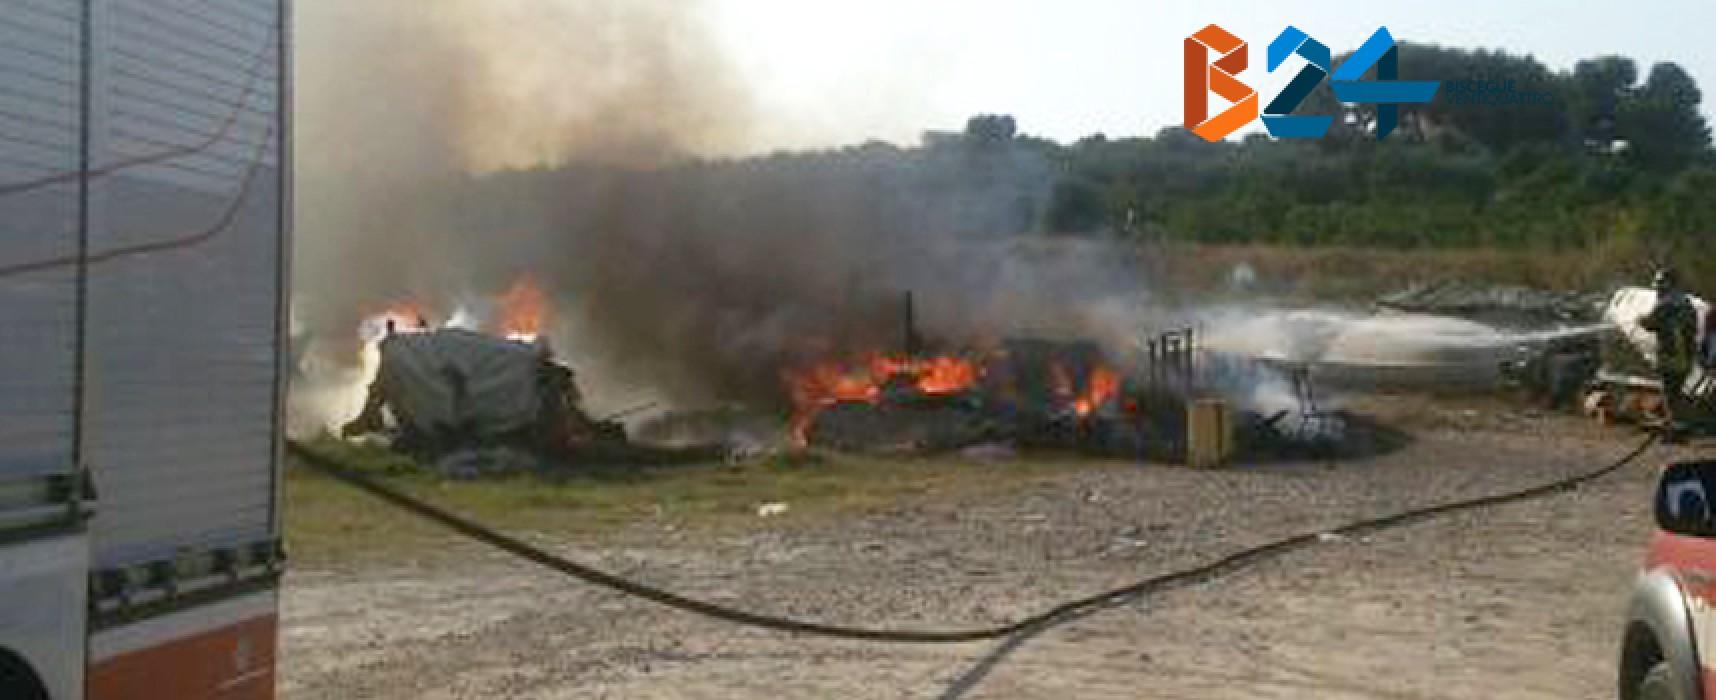 Incendio distrugge due barche nel porticciolo di Cala Pantano / FOTO